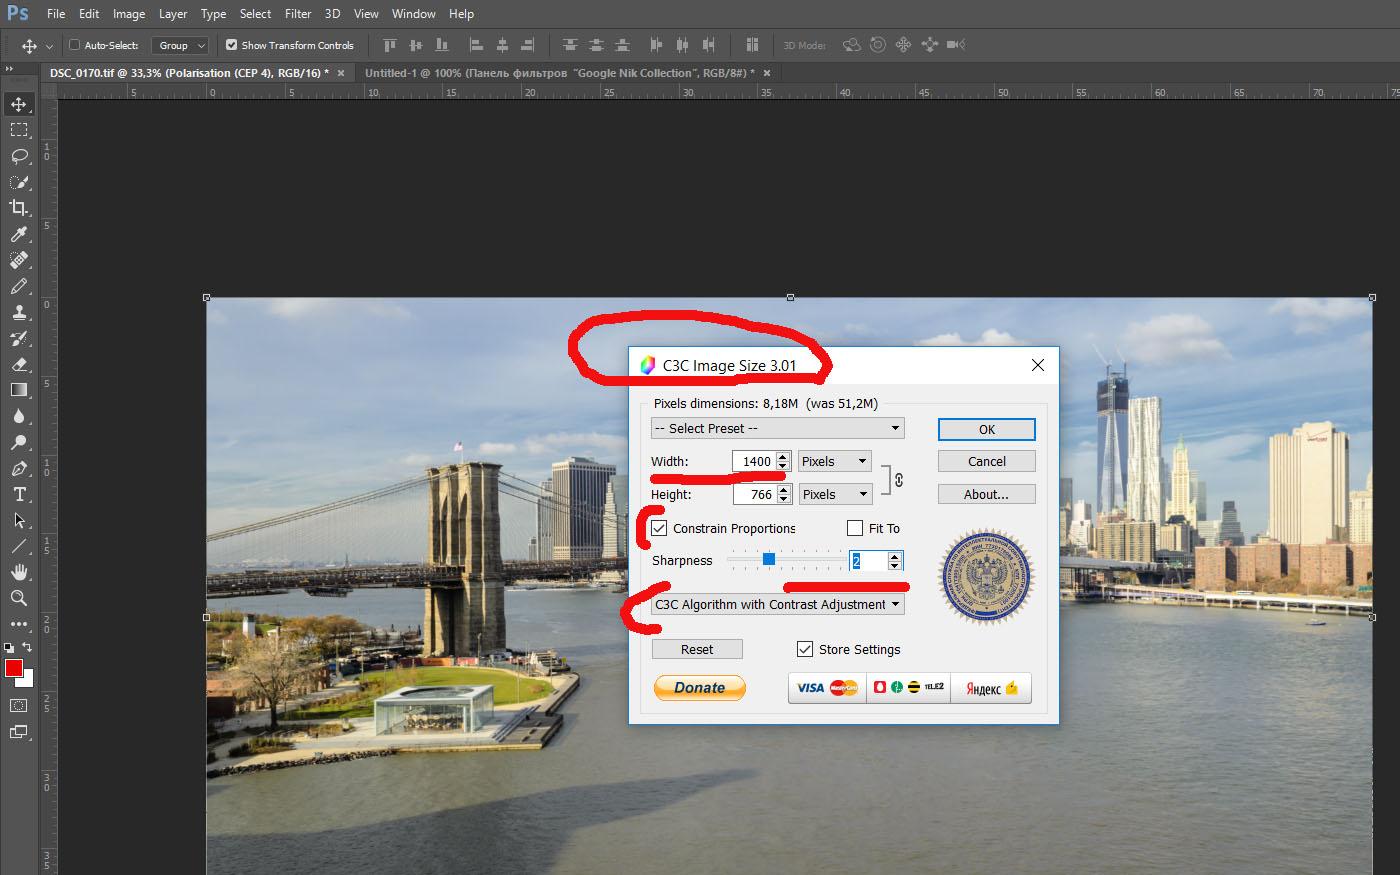 15. Как я готовлю фотографии к публикации в блоге. Обработка снимков в Photoshop, уменьшение размера и повышение резкости с помощью «C3C Image Size».